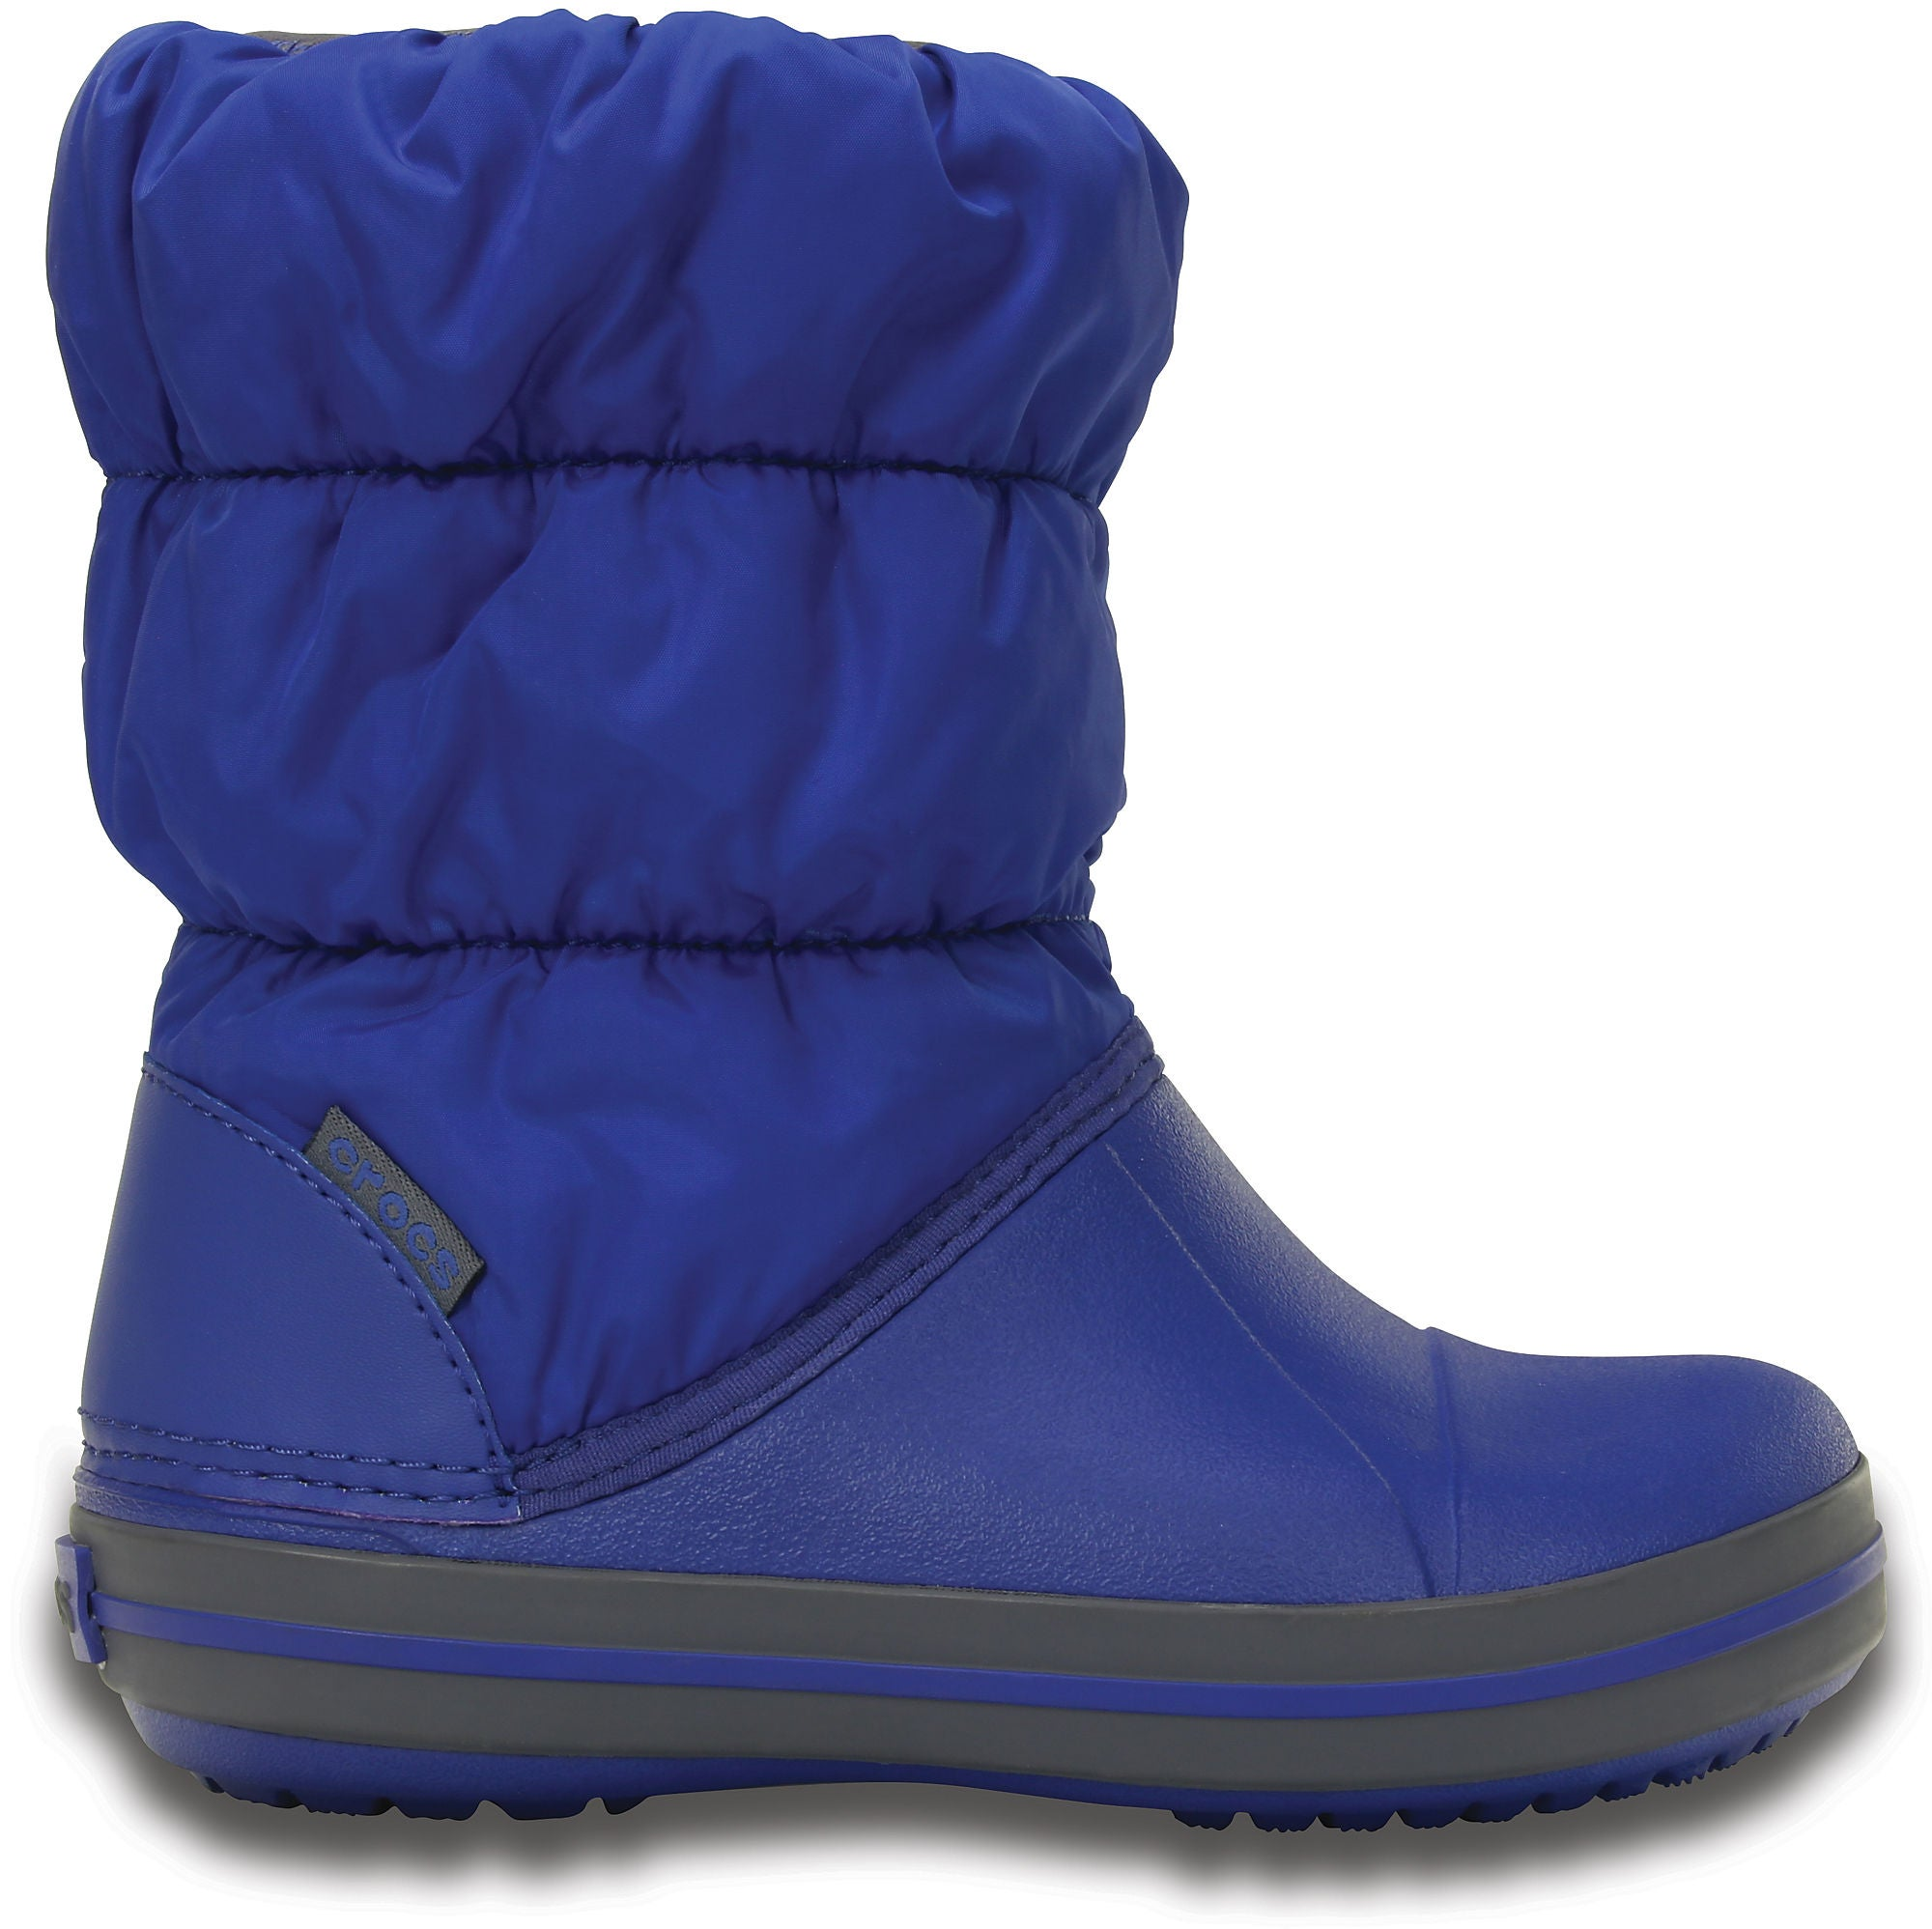 Köp Crocs Kids Winter Puff Boot, Cerulean BlueLight Grey